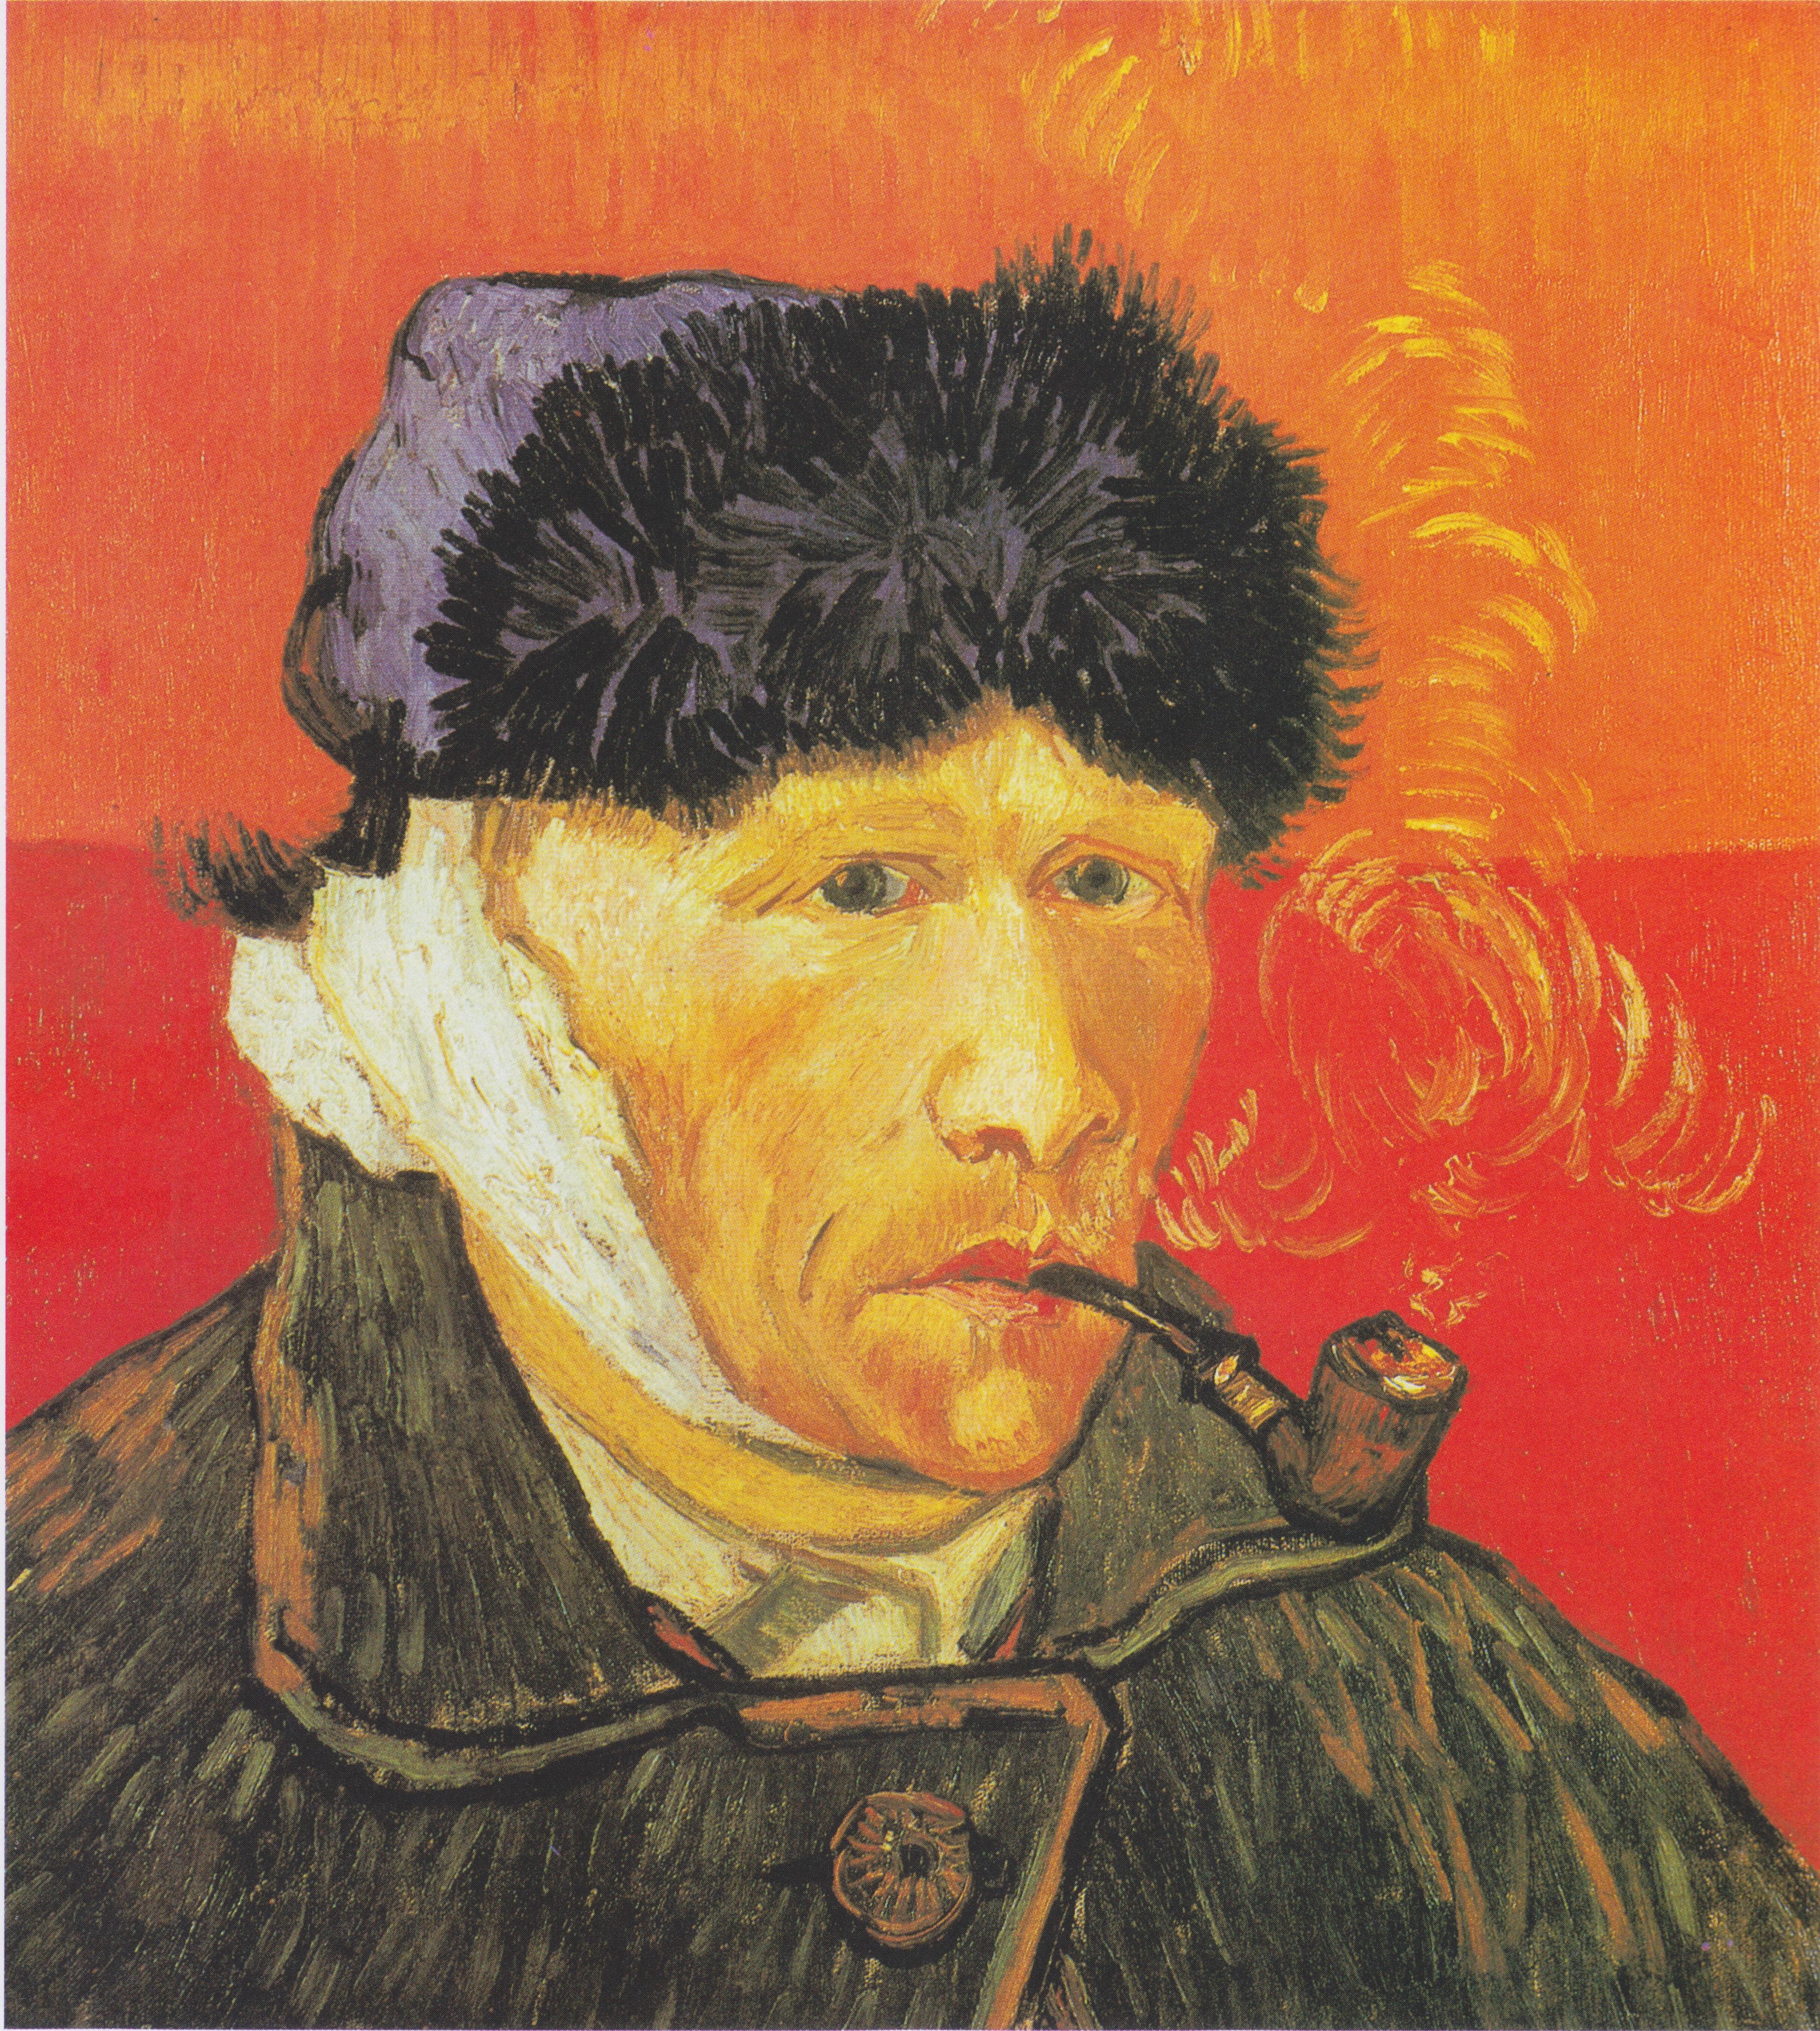 Винсент ван Гог (1853-1890). Автопортрет с отрезанным ухом и трубкой. 1889. Масло, холст. 51х45 см. Цюрих Кунстхуас музей. Источник  https://upload.wikimedia.org/